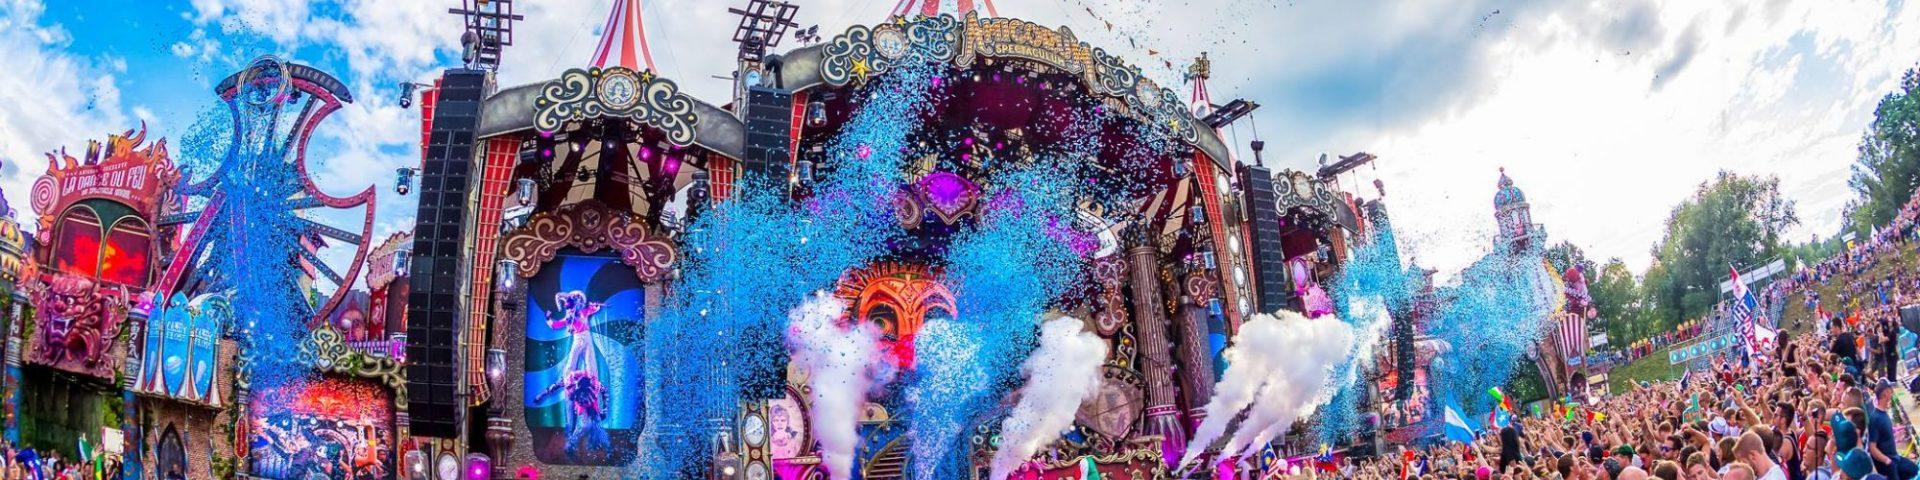 UNITE with Tomorrowland in Italia: la scaletta dell'evento e tutte le info